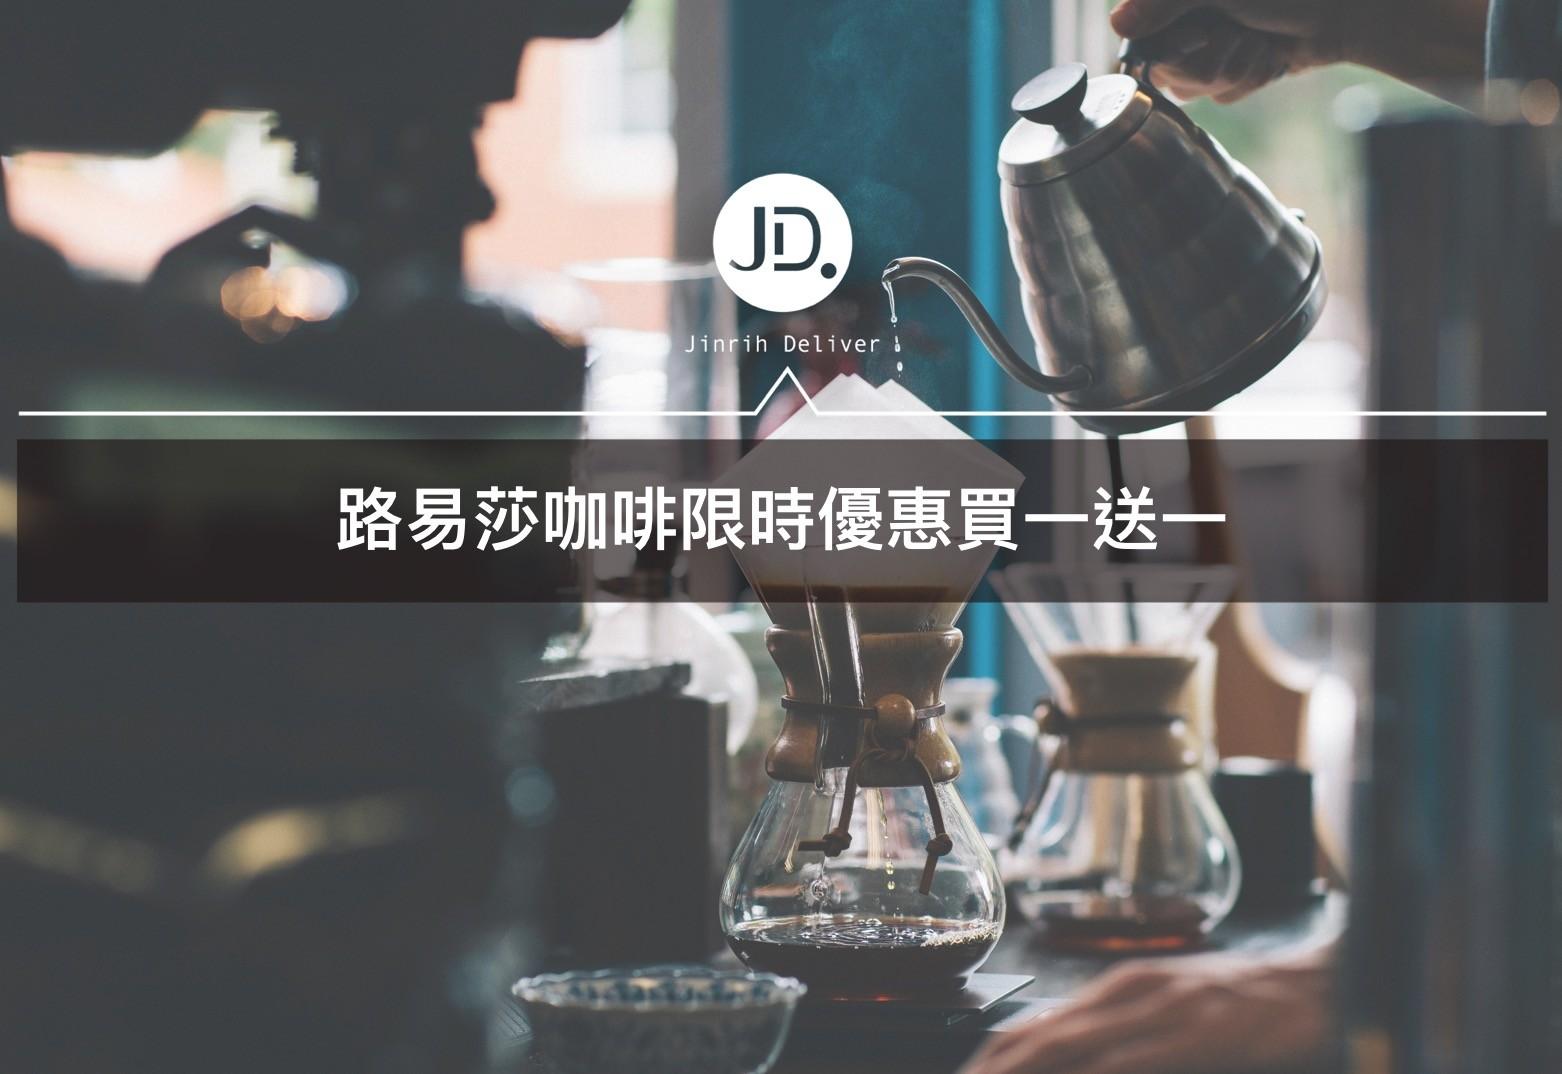 路易莎咖啡【第三波黑卡優惠】濾掛咖啡盒裝買一送一|2018/06/01-2018/08/31